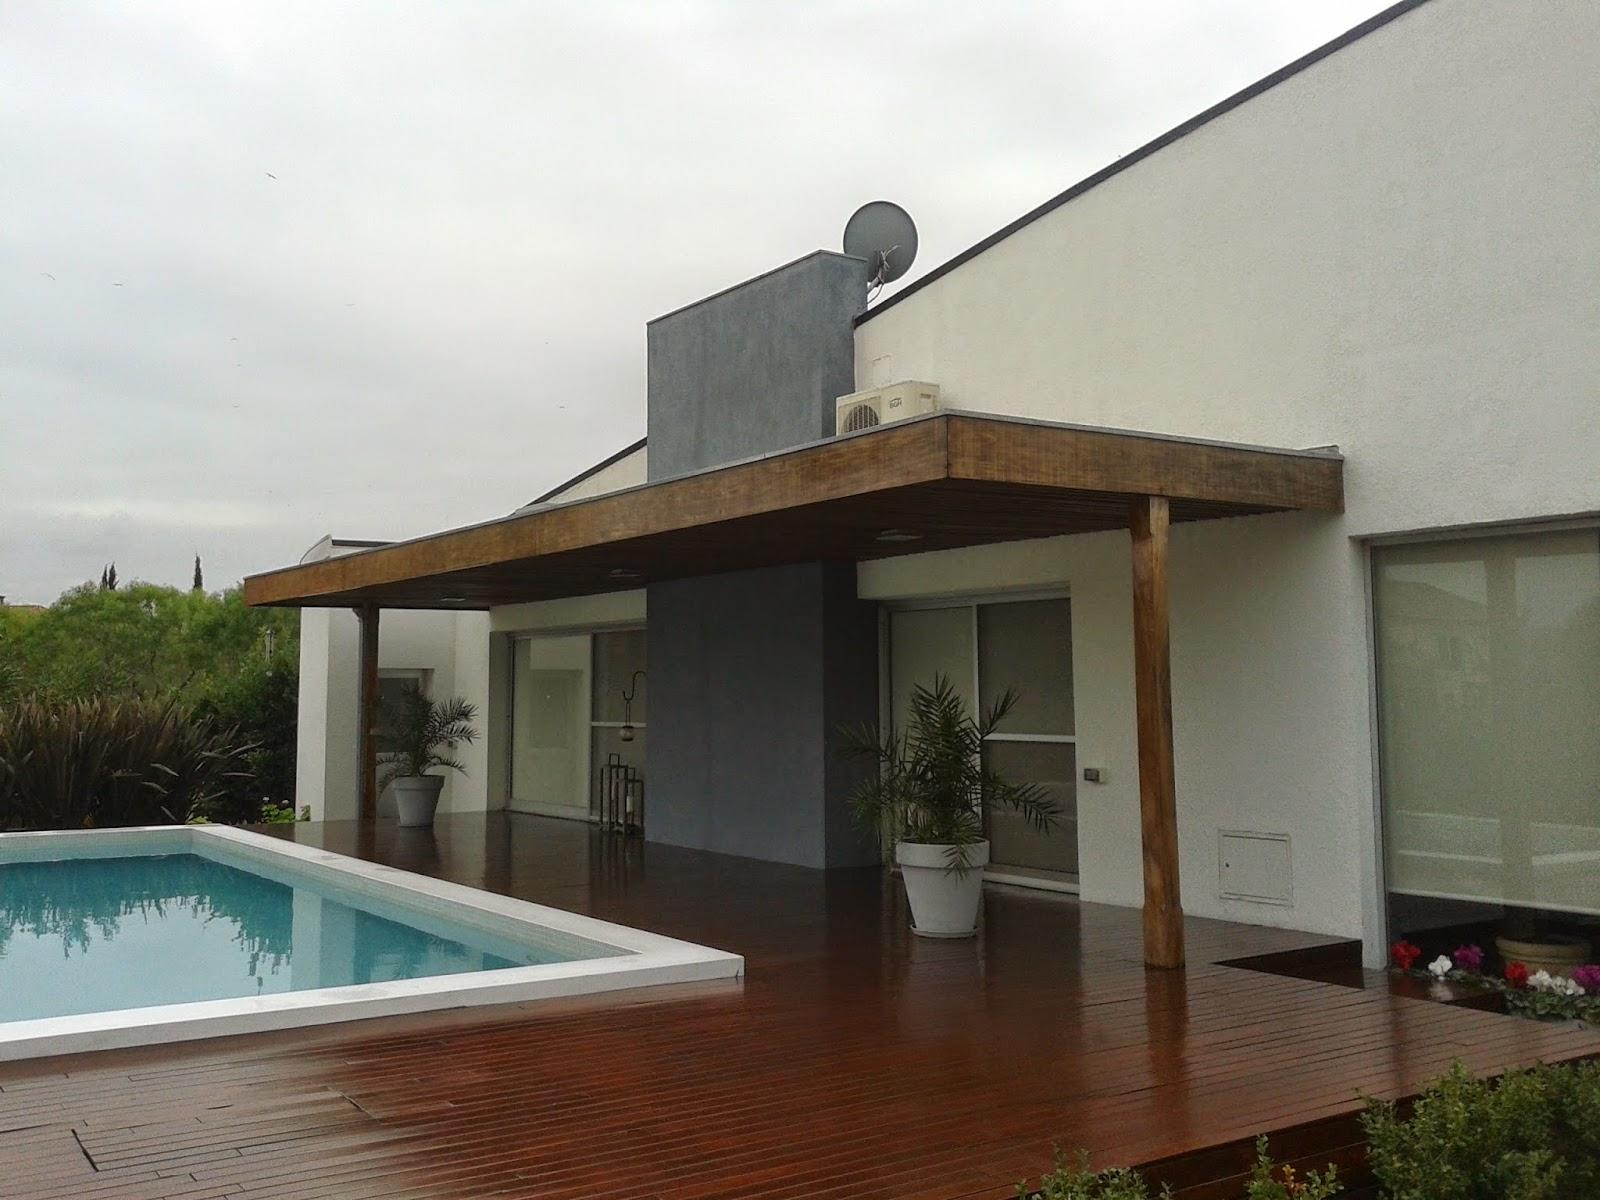 Zinka techos pergolas de madera y metalicas for Techos de madera para exterior